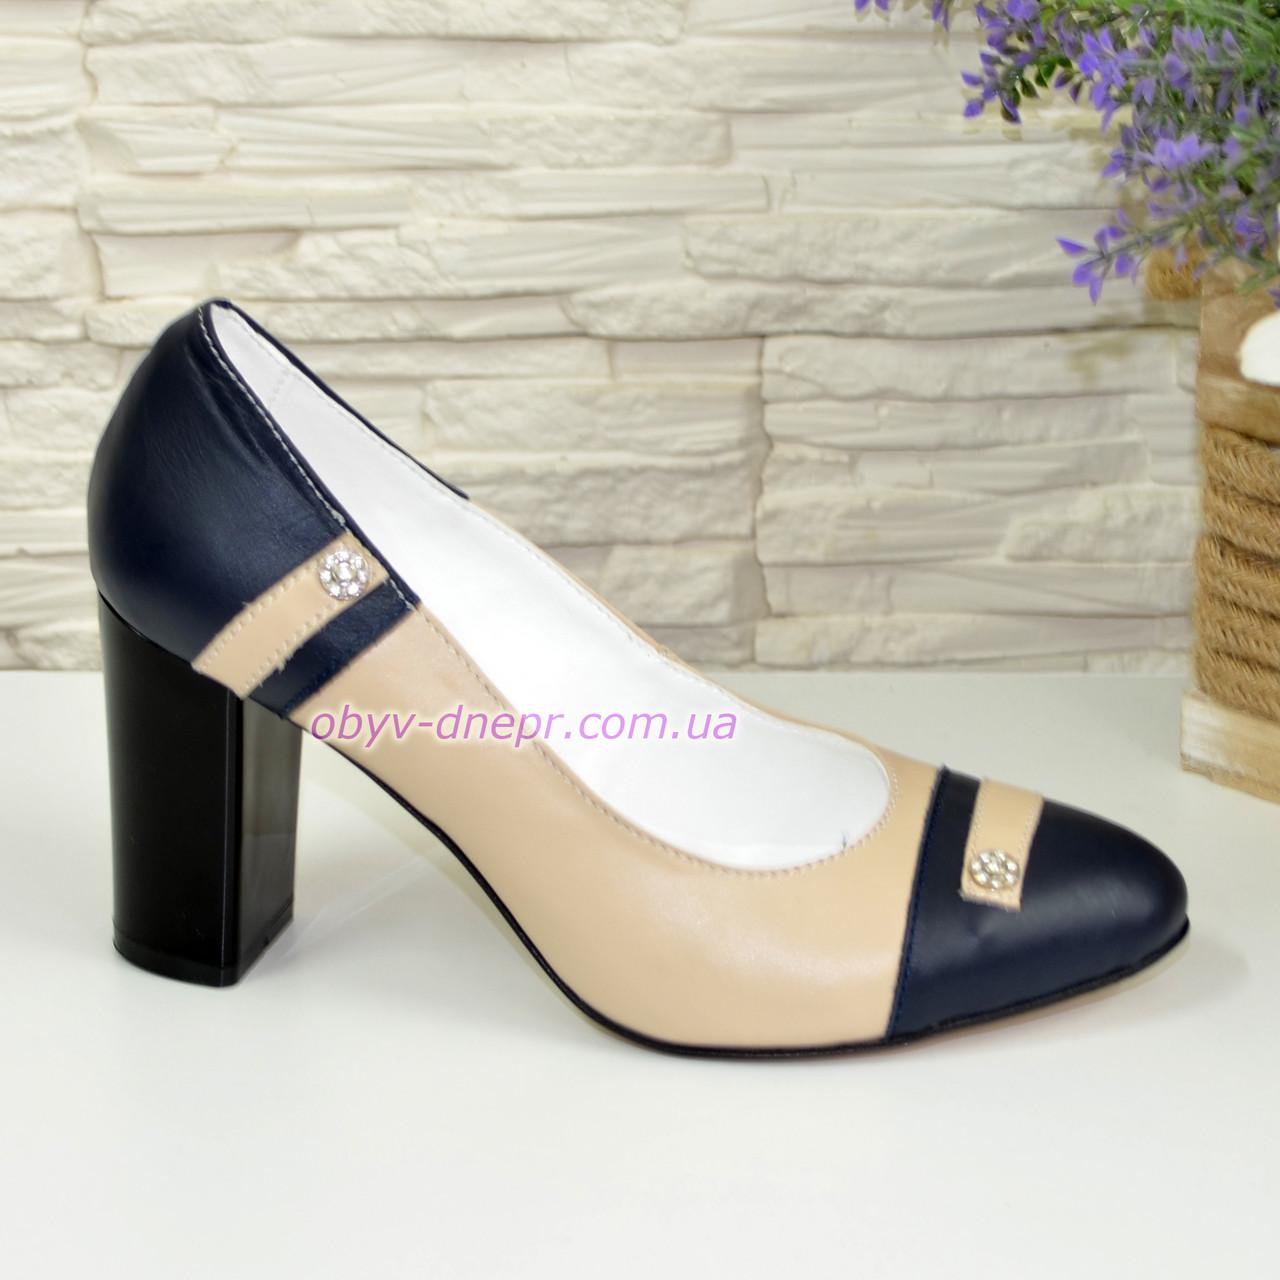 Кожаные женские туфли бежево-синие на высоком устойчивом каблуке